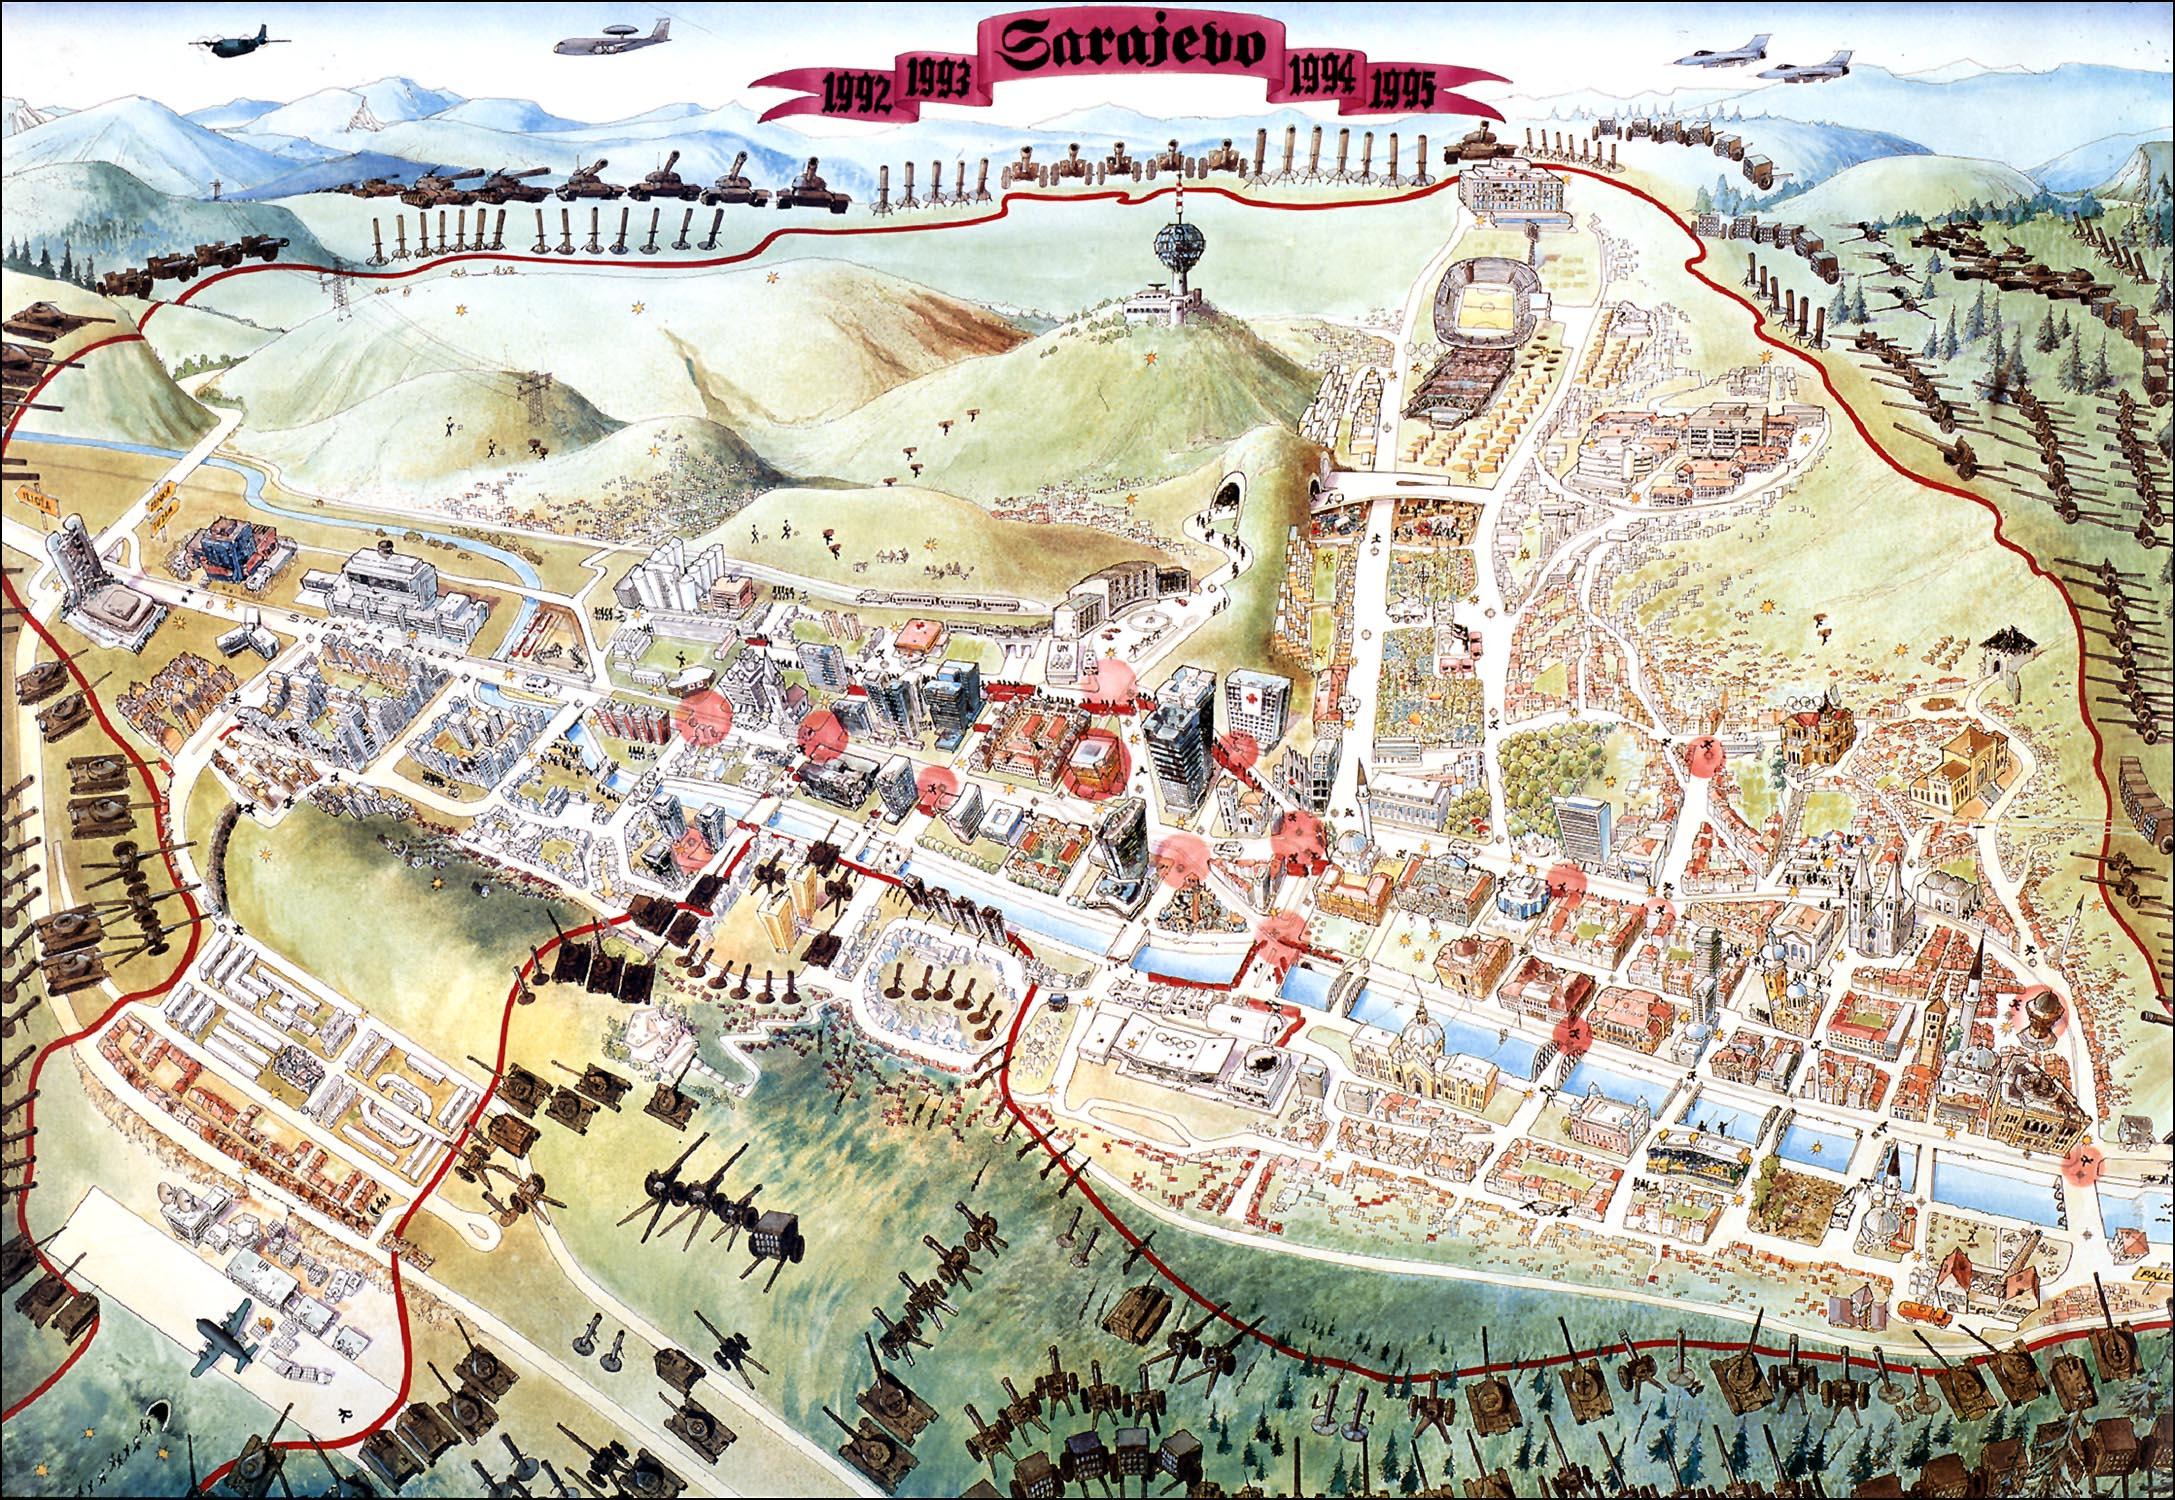 Sarajevo-Survival-Map-1992-1996